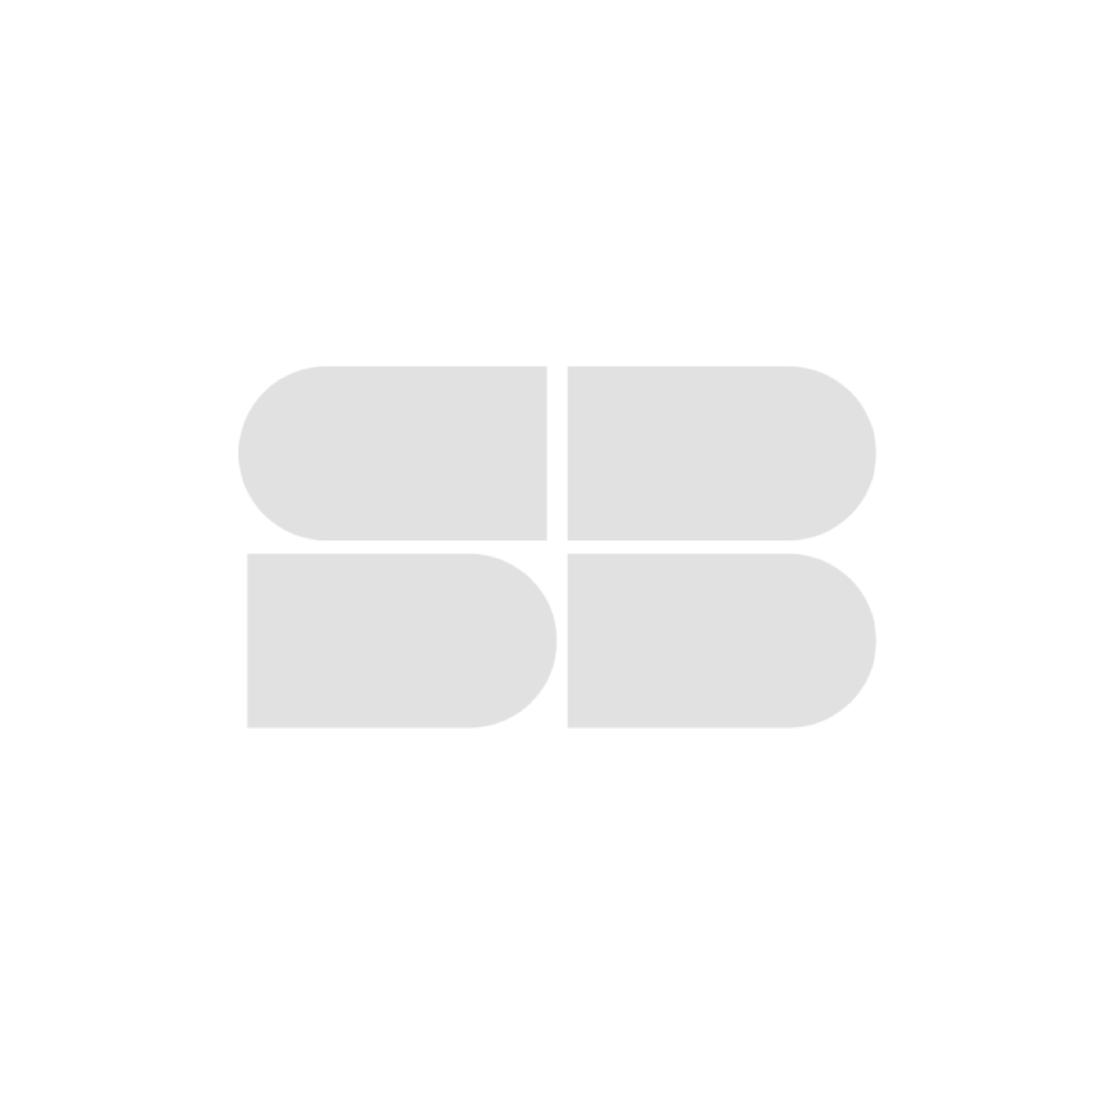 RESTONIC ที่นอน รุ่น REFLEX 3690 5 ฟุต พร้อมของแถม 5 รายการ